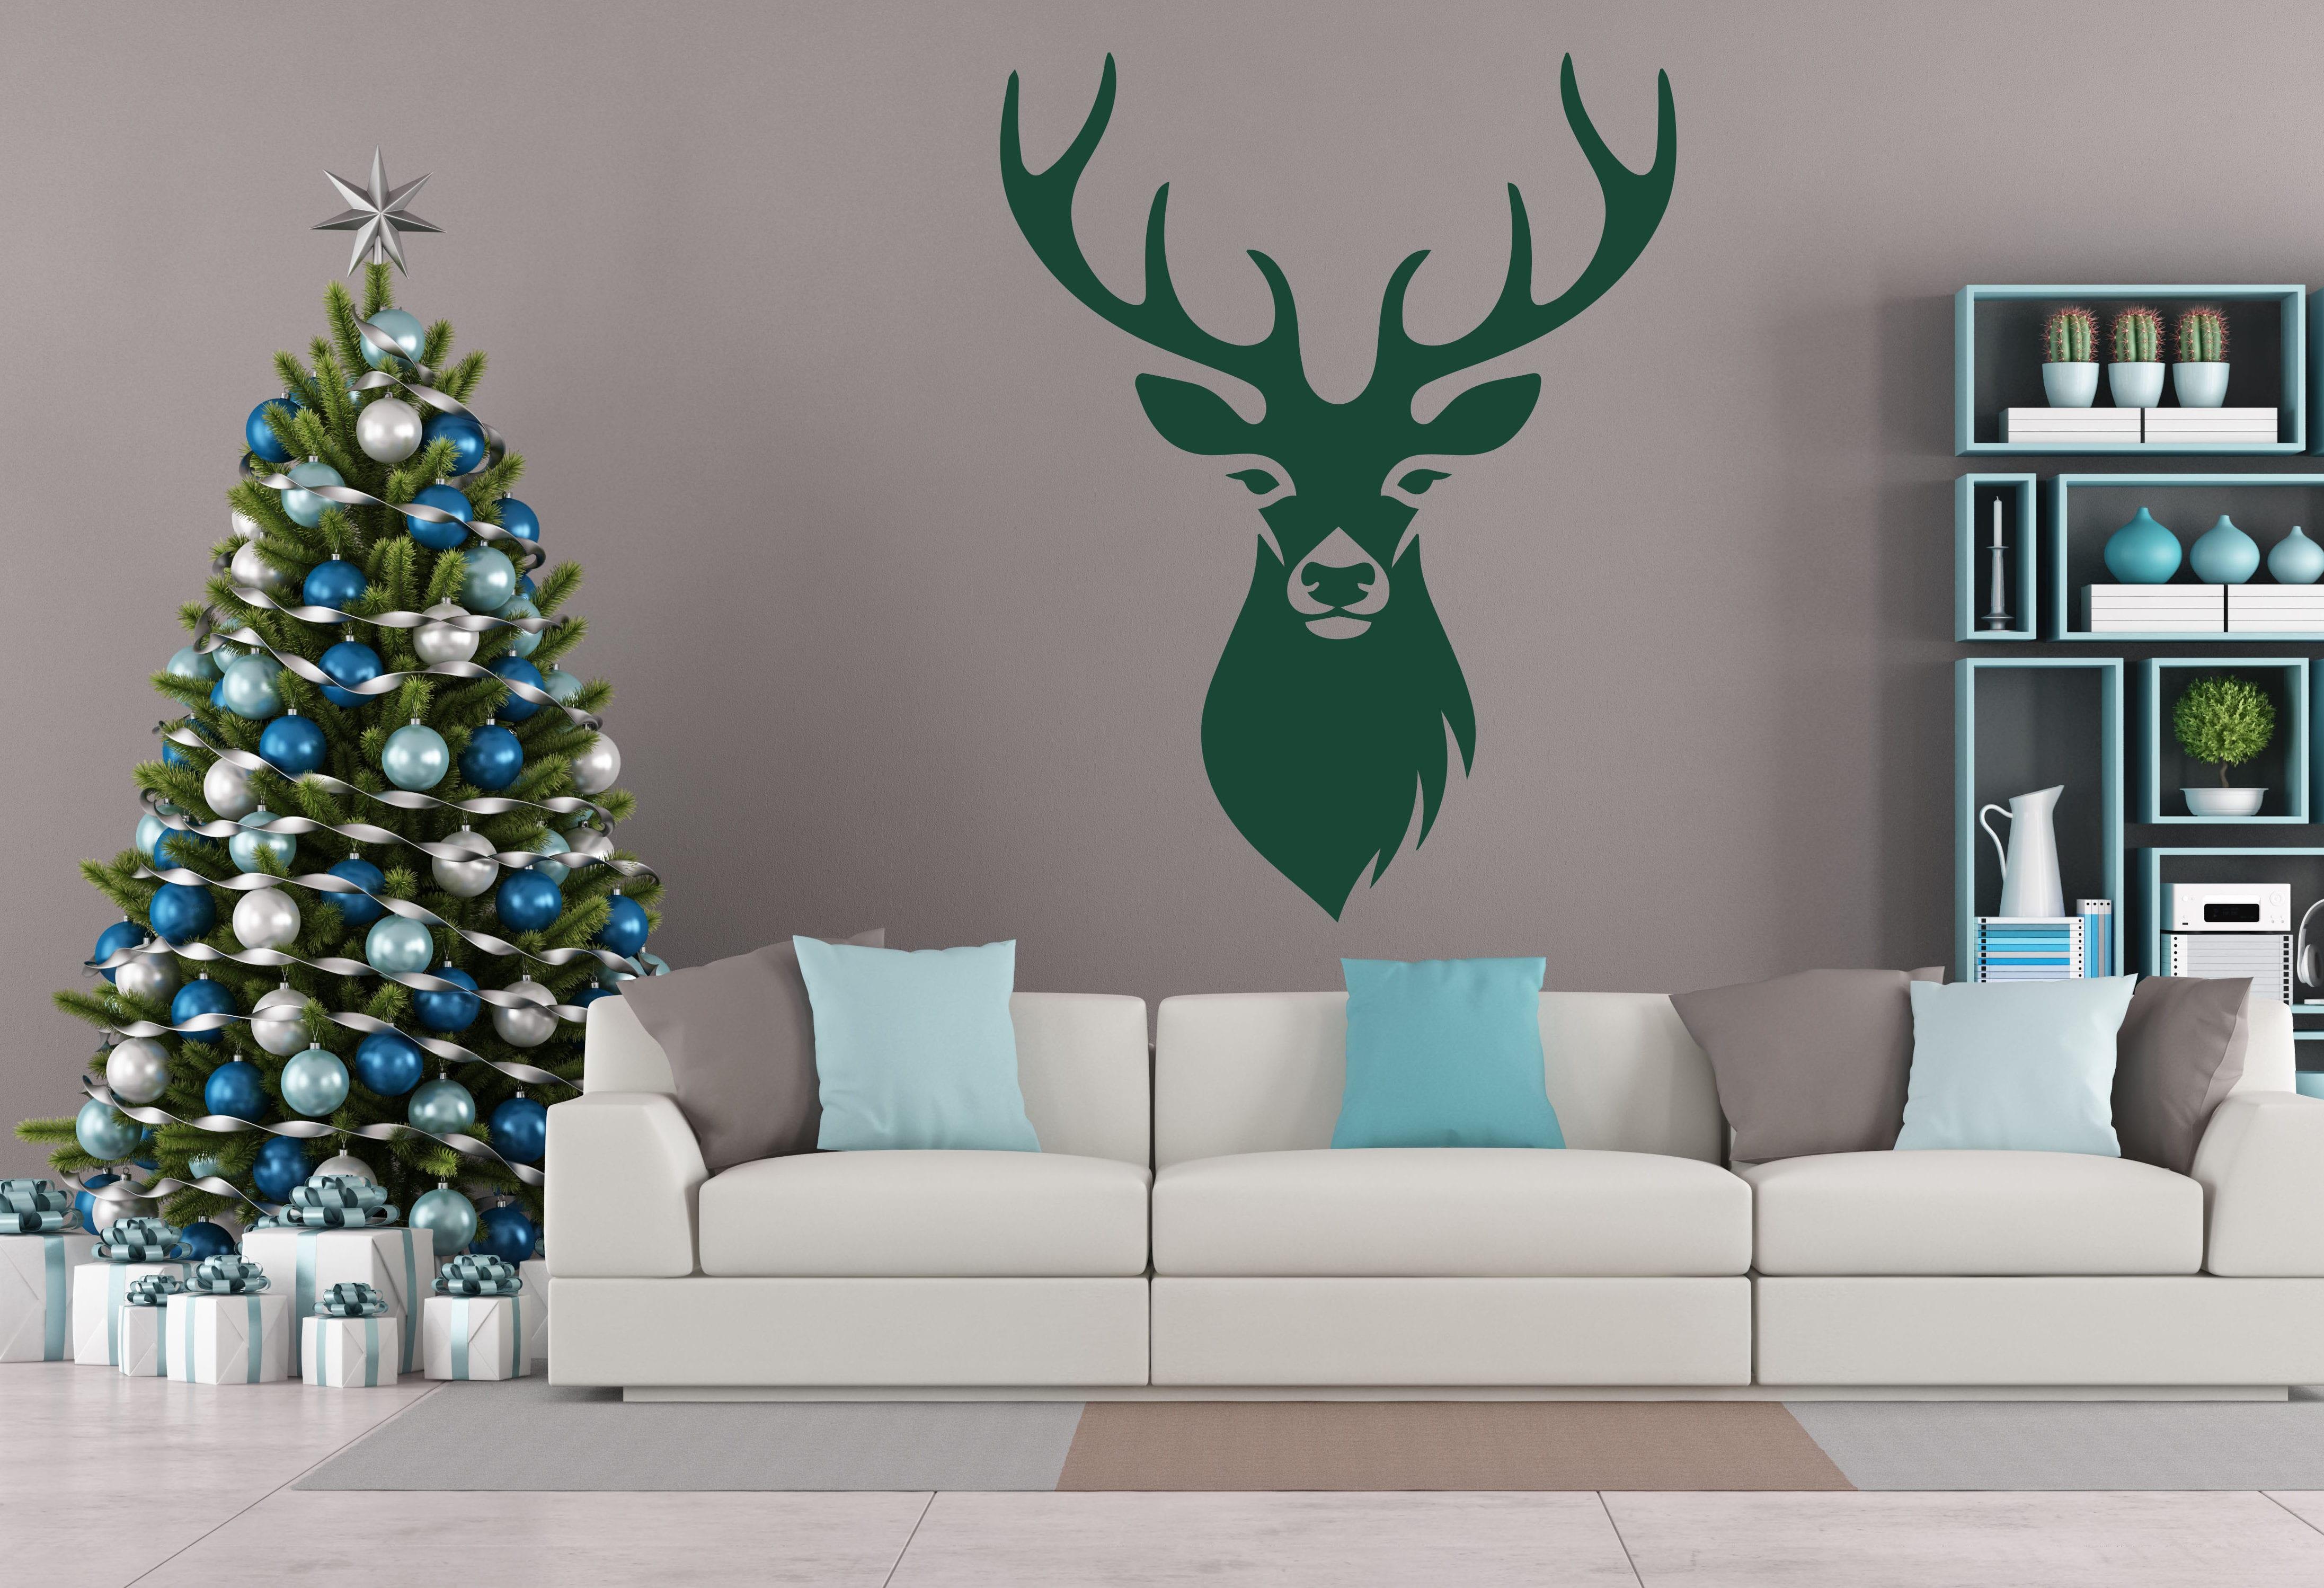 moderne wandgestaltung wohnzimmer mit wandfarbe grau und Hirsch-Wandtattoo grün